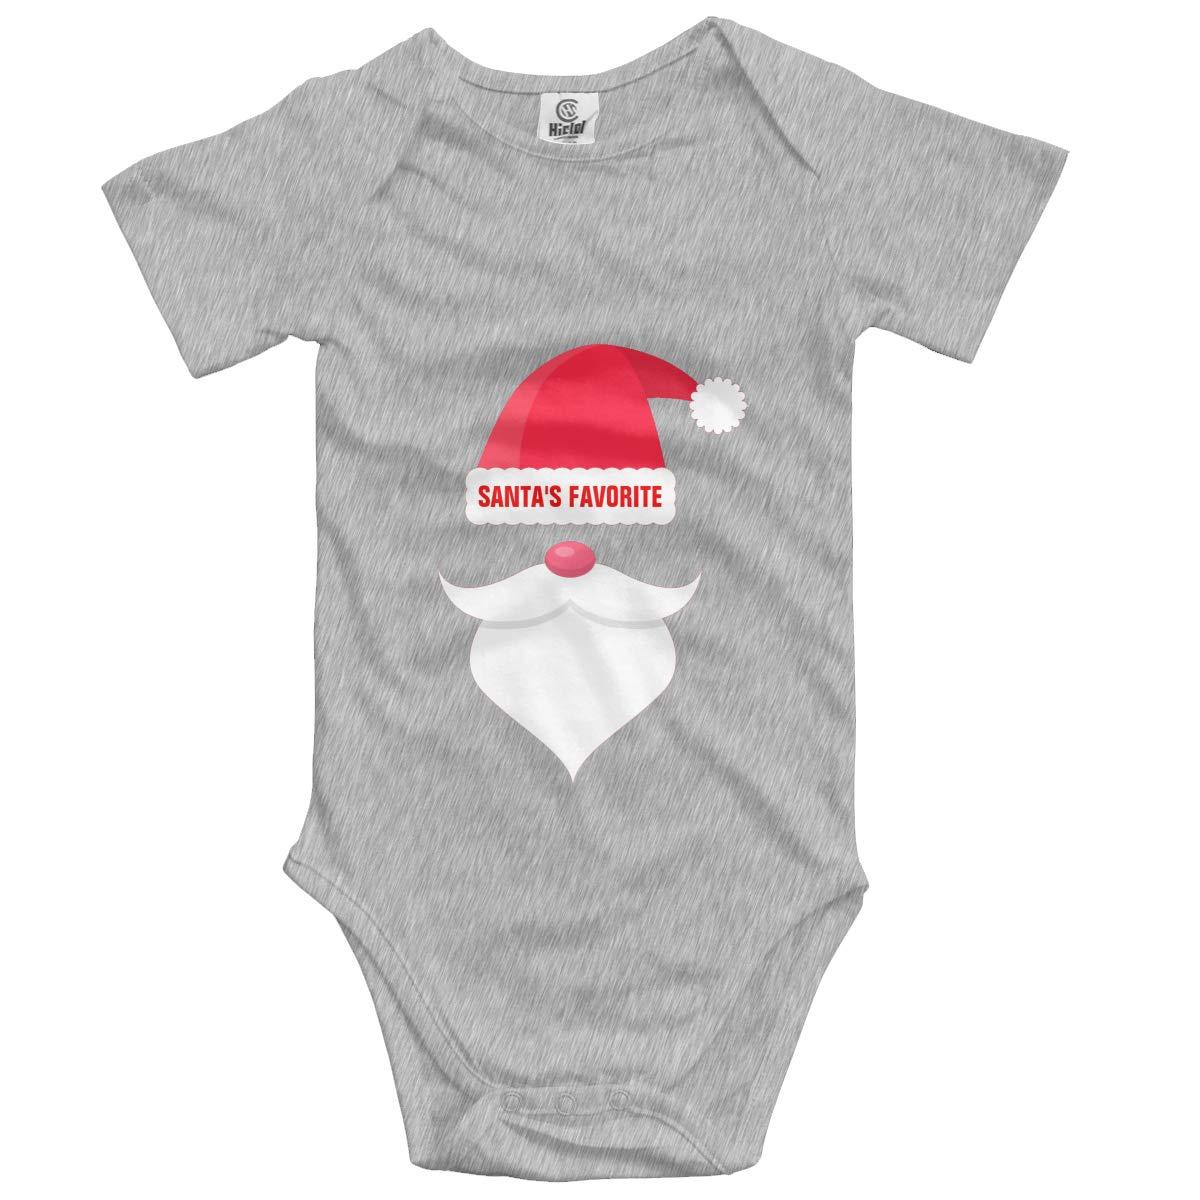 Nanagang Christmas Santas Favorite Baby Short Sleeves Babyclothess Lovely Gray